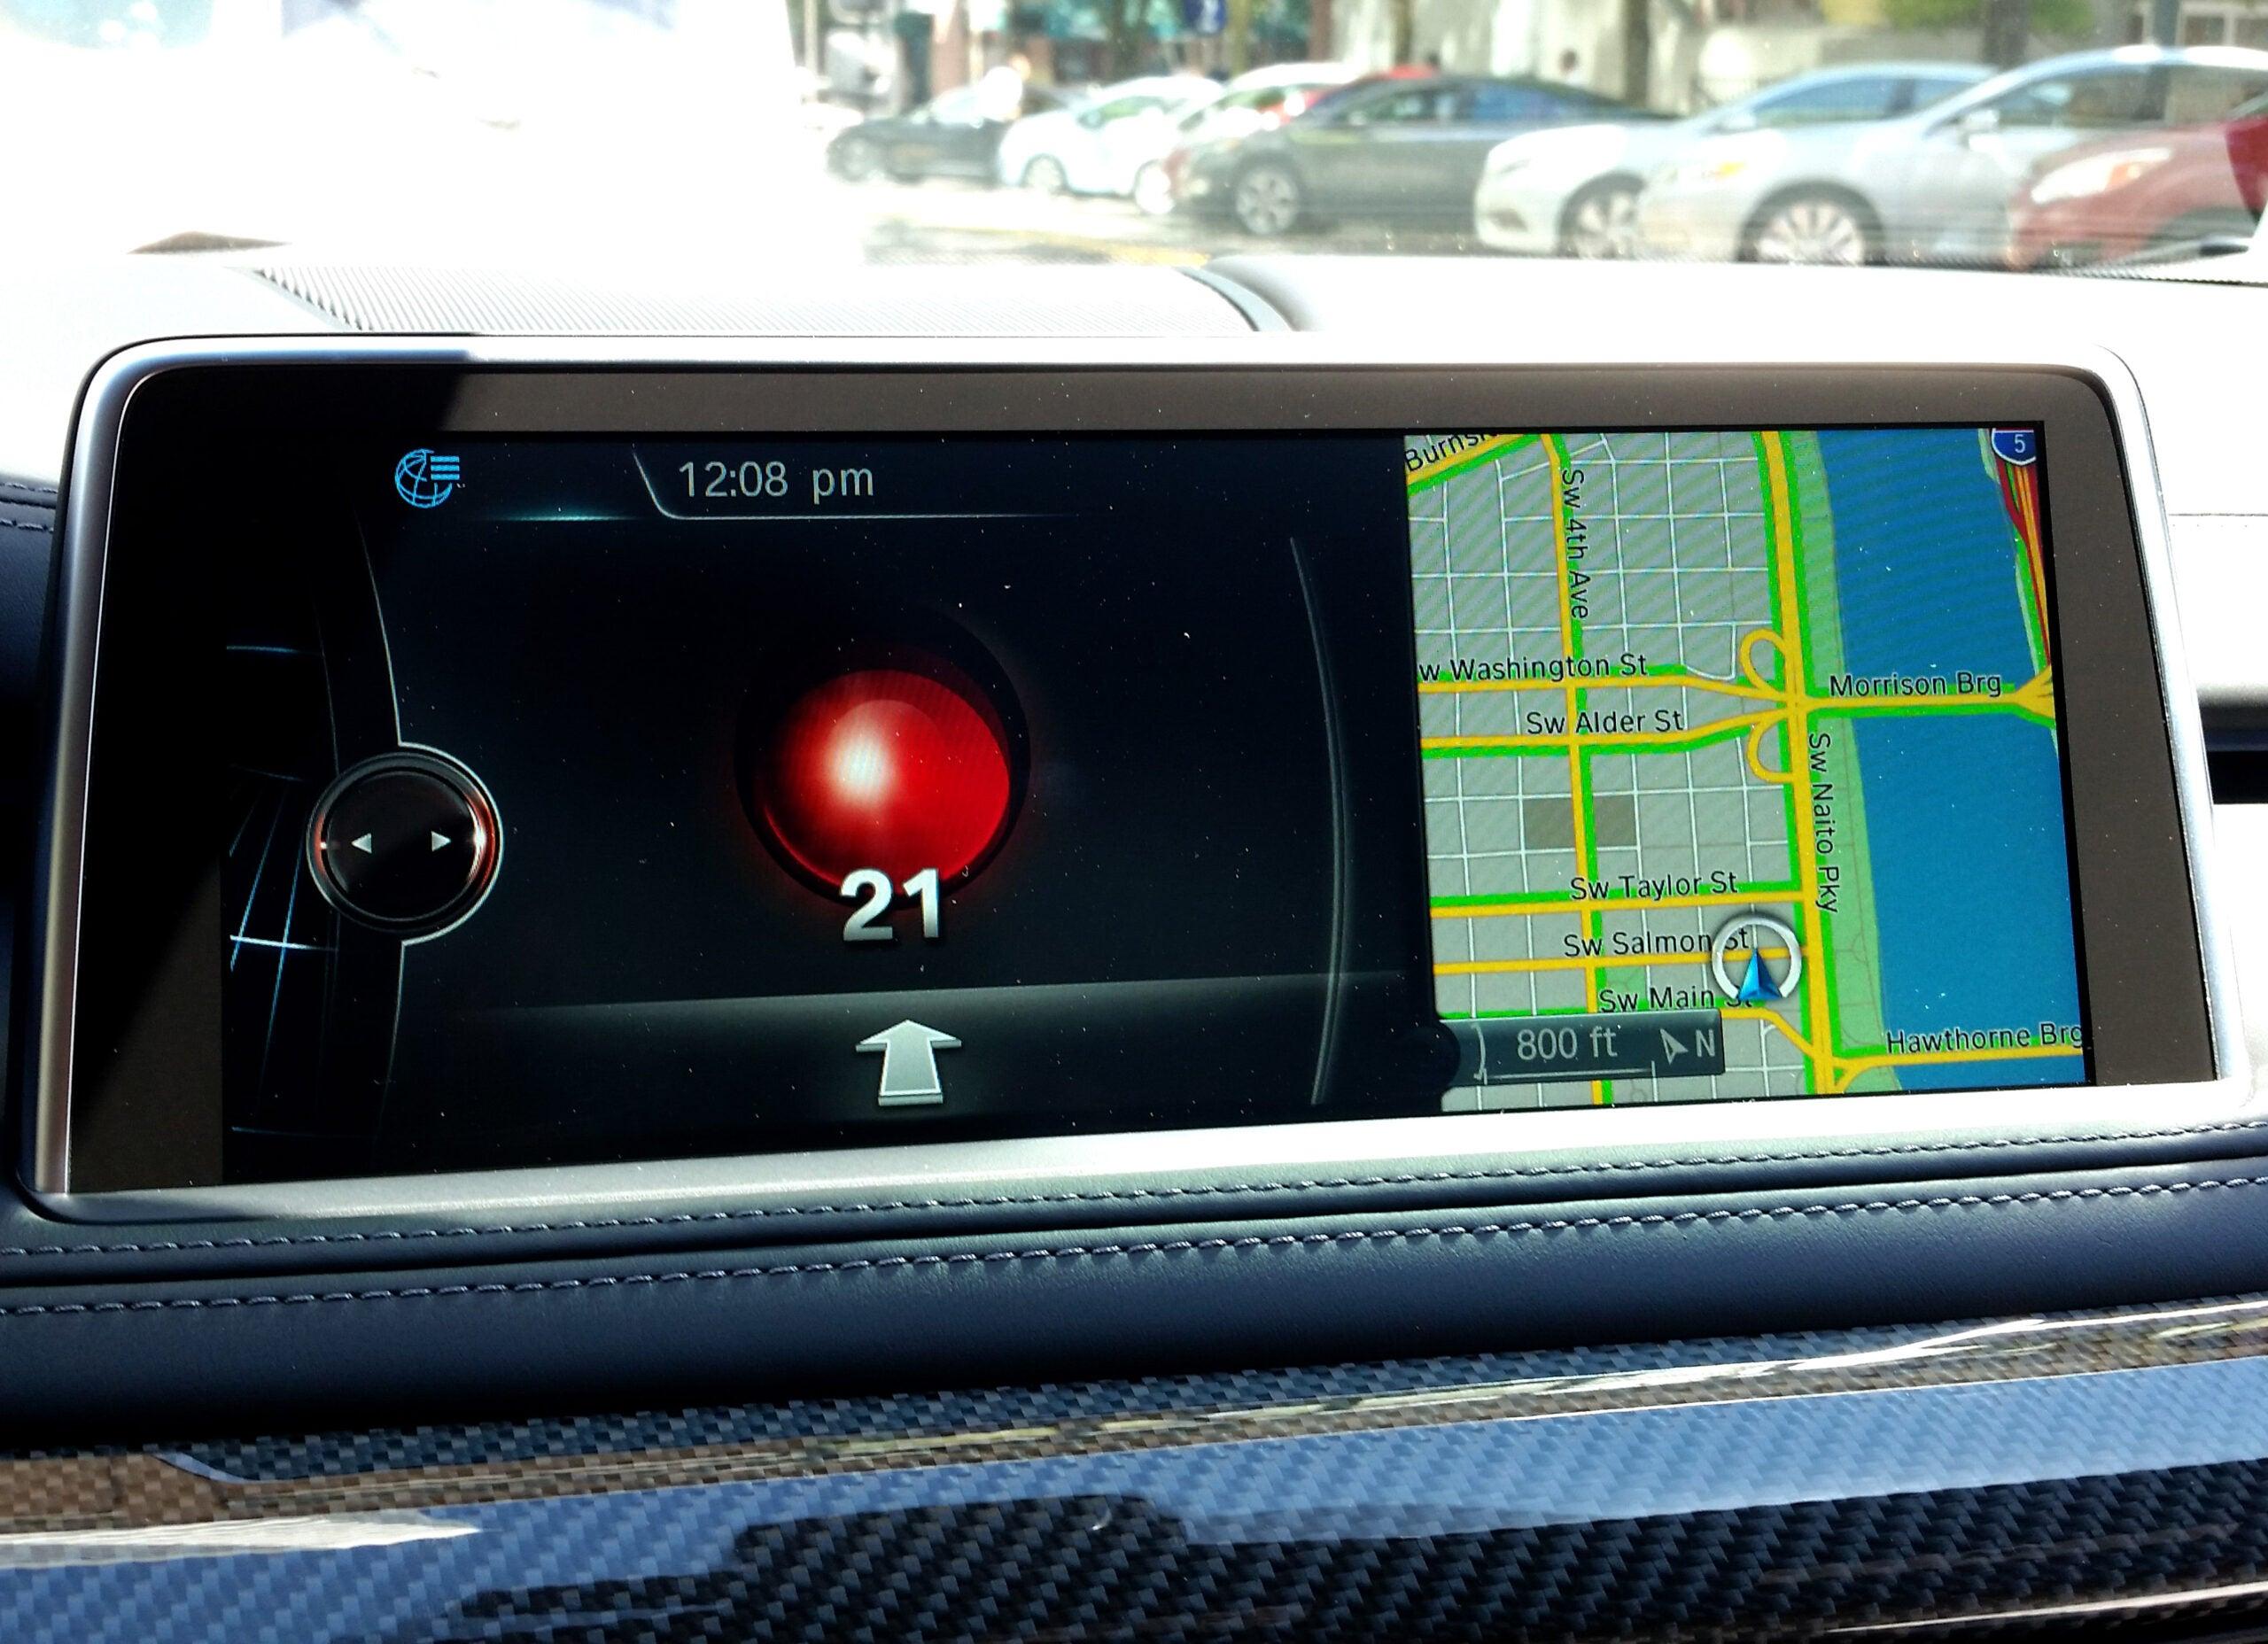 EnLighten showing a red light